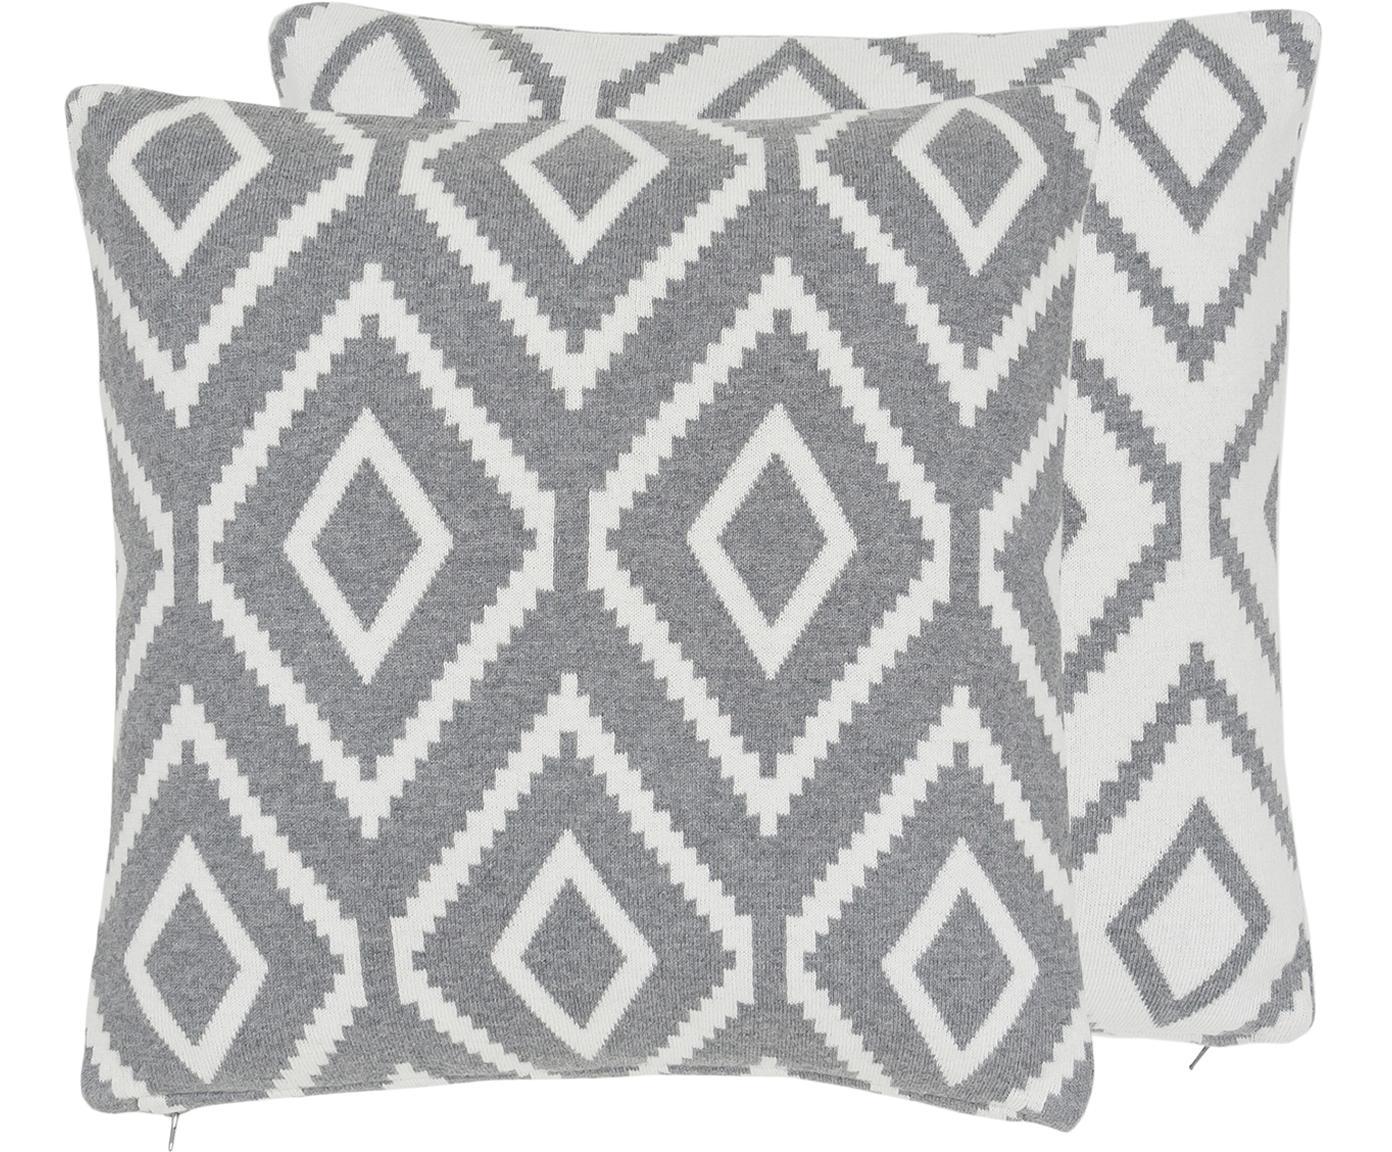 Dwustronna poszewka na poduszkę z dzianiny Chuck, 100% bawełna, Szary melanżowy, kremowy, S 40 x D 40 cm